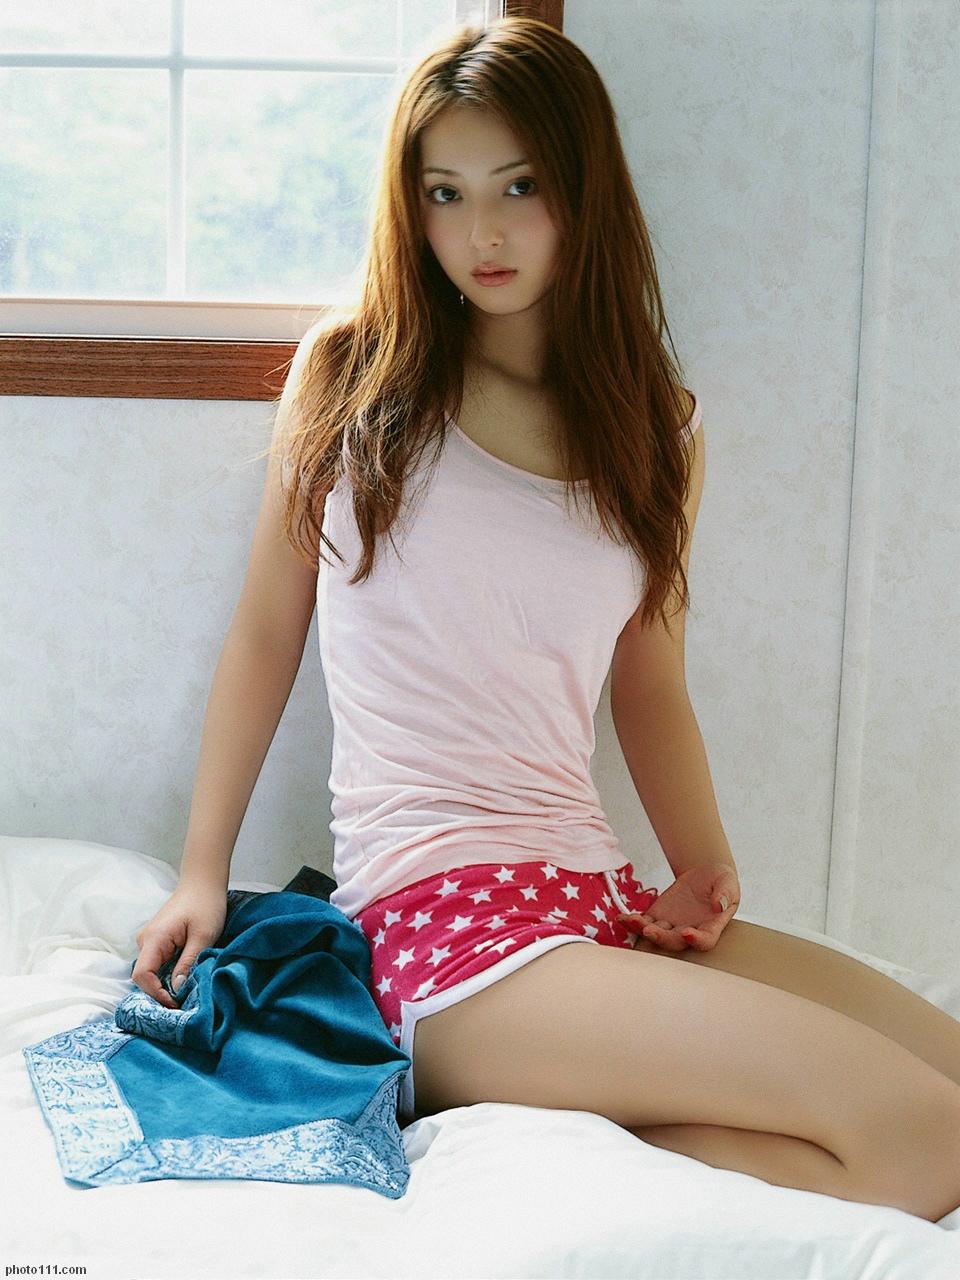 Русские порно девочек 11 фотография